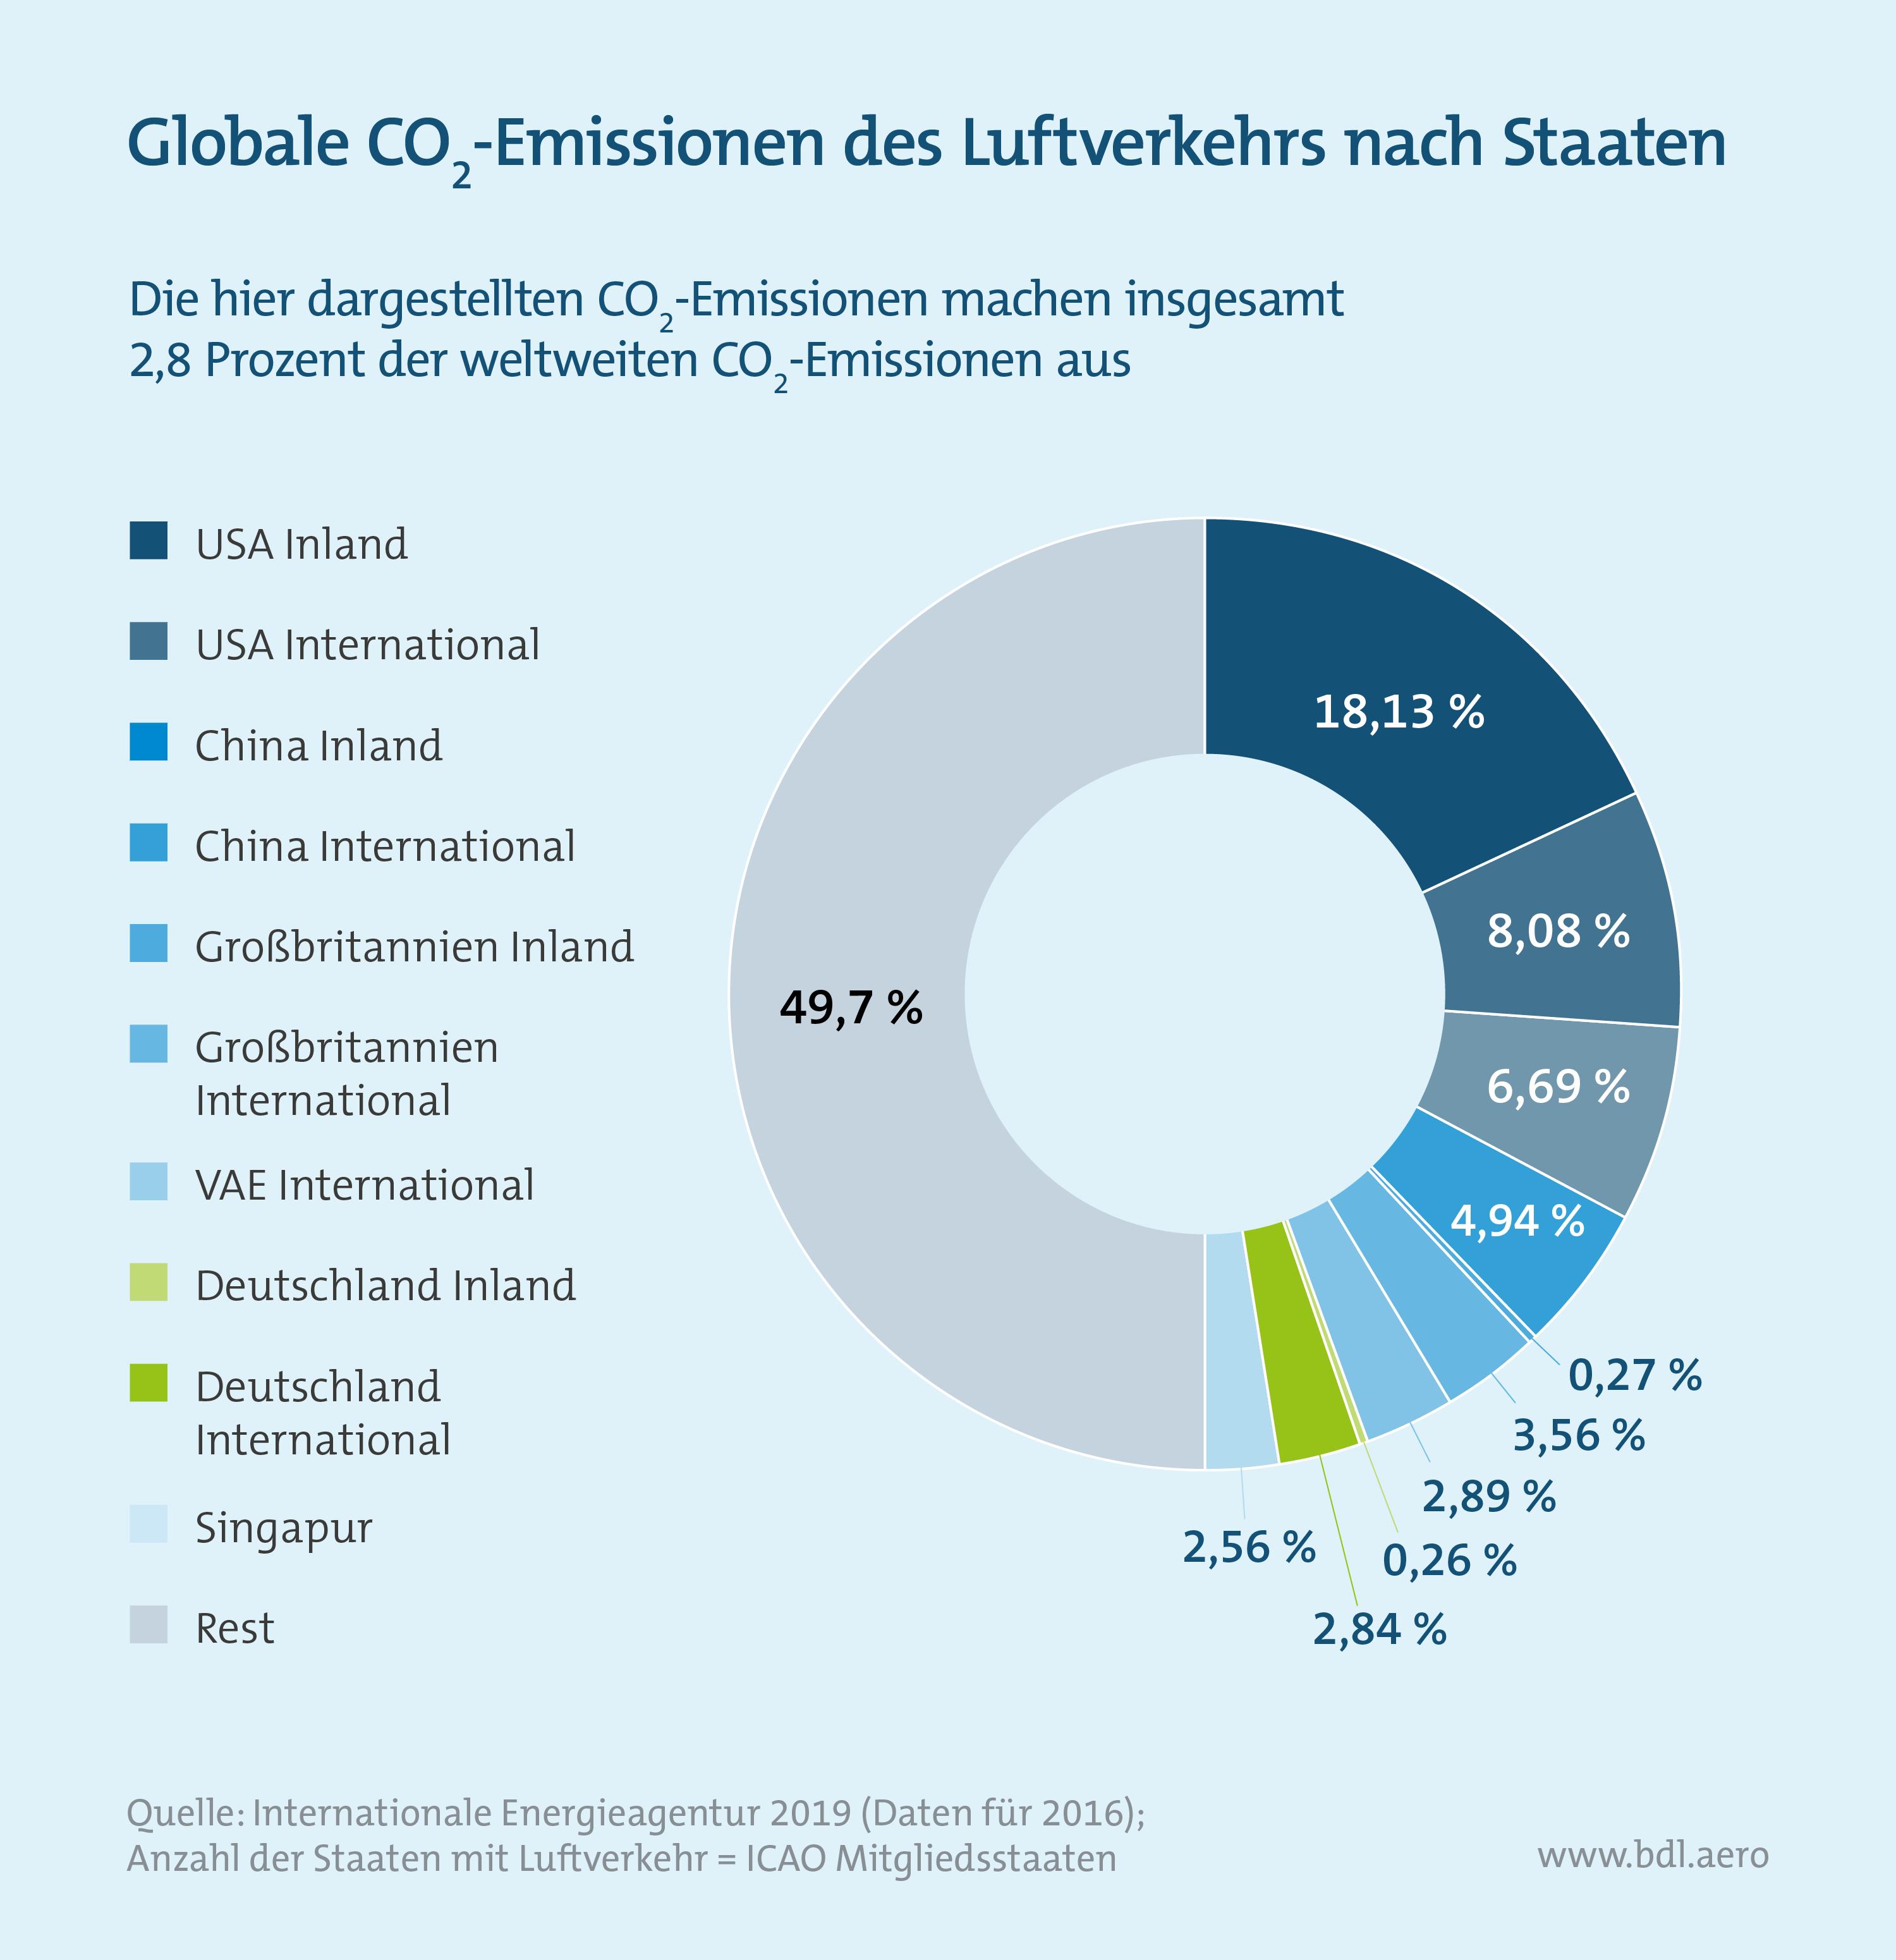 Klimaschutzinstrumente im Luftverkehr: Globale CO2-Emissionen des Luftverkehrs nach Staaten